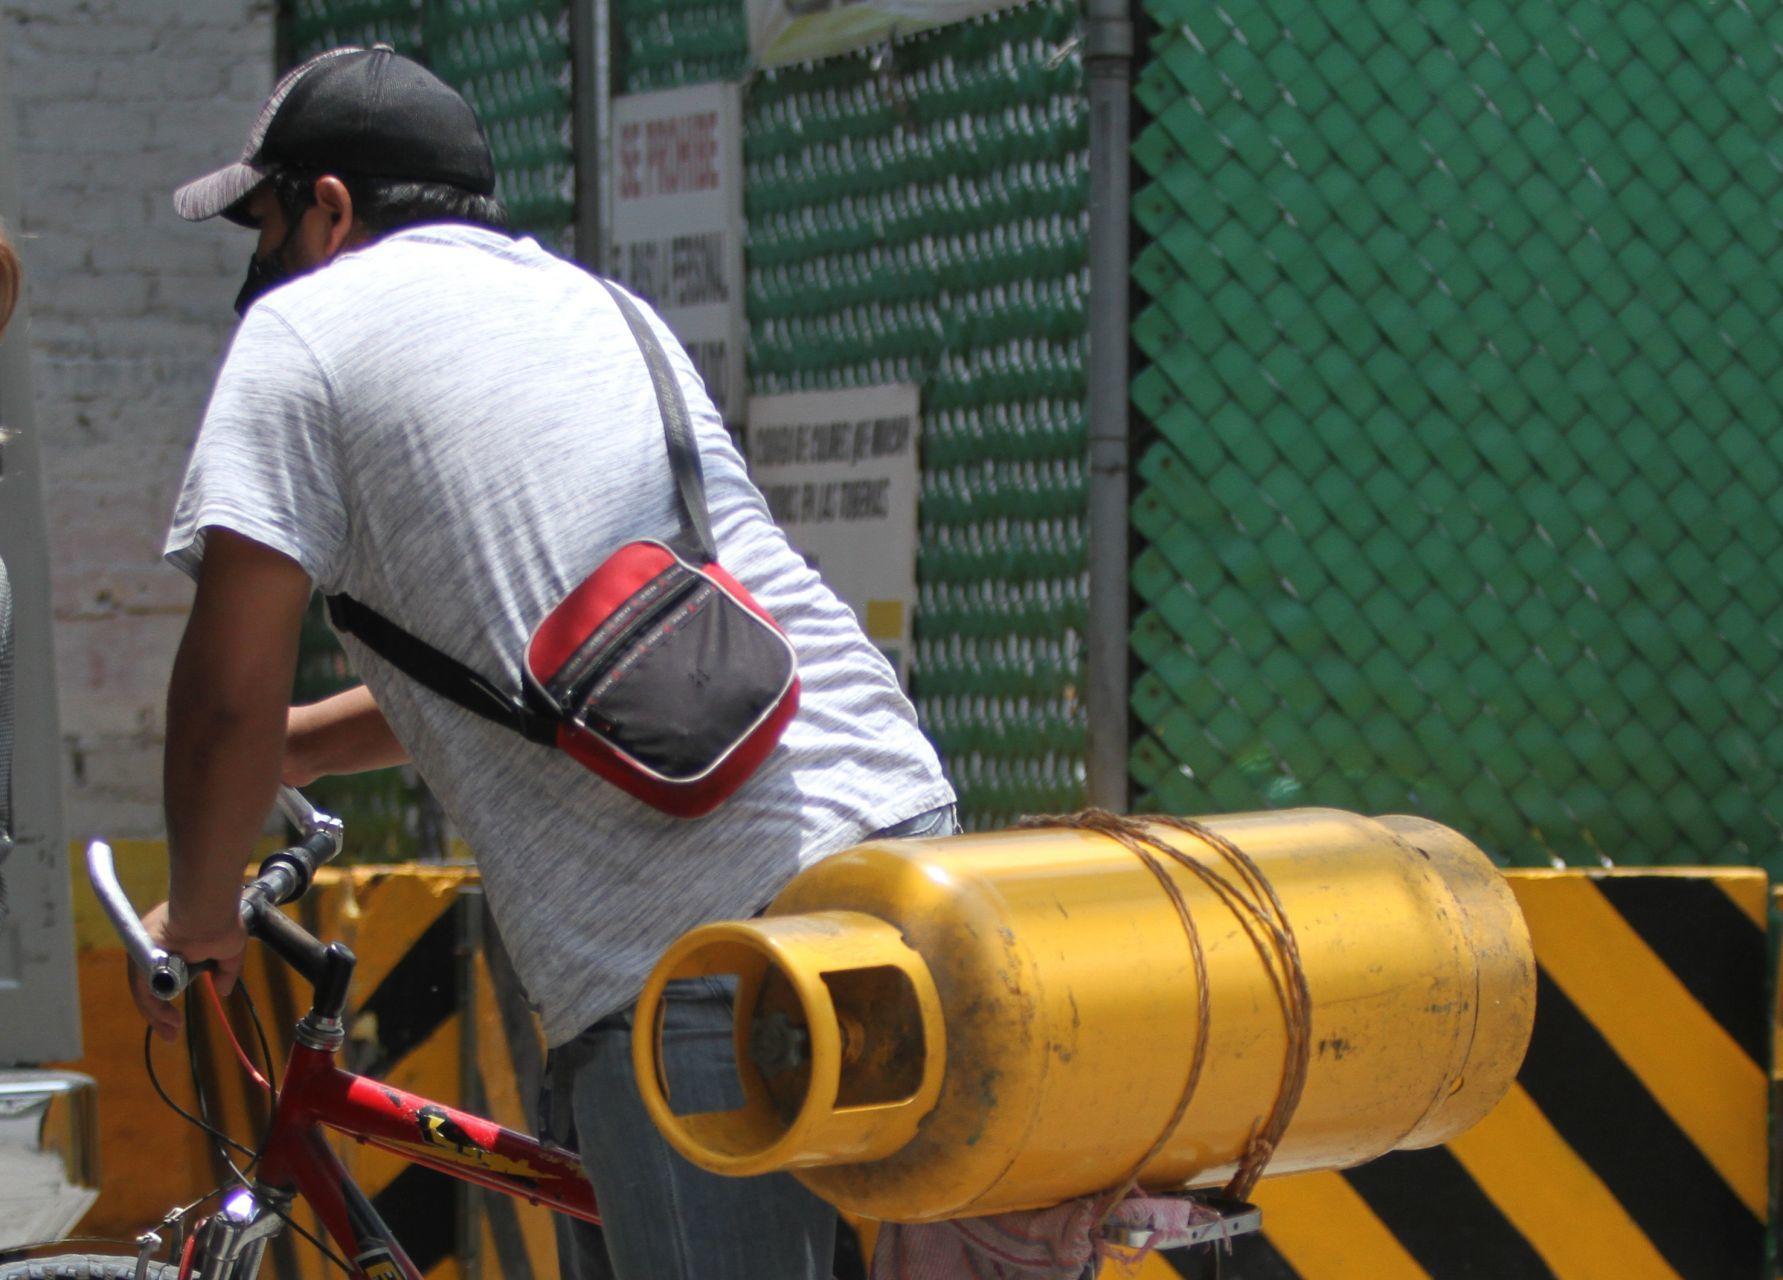 Gaseros de Puebla se suman a paro por regulación de precios